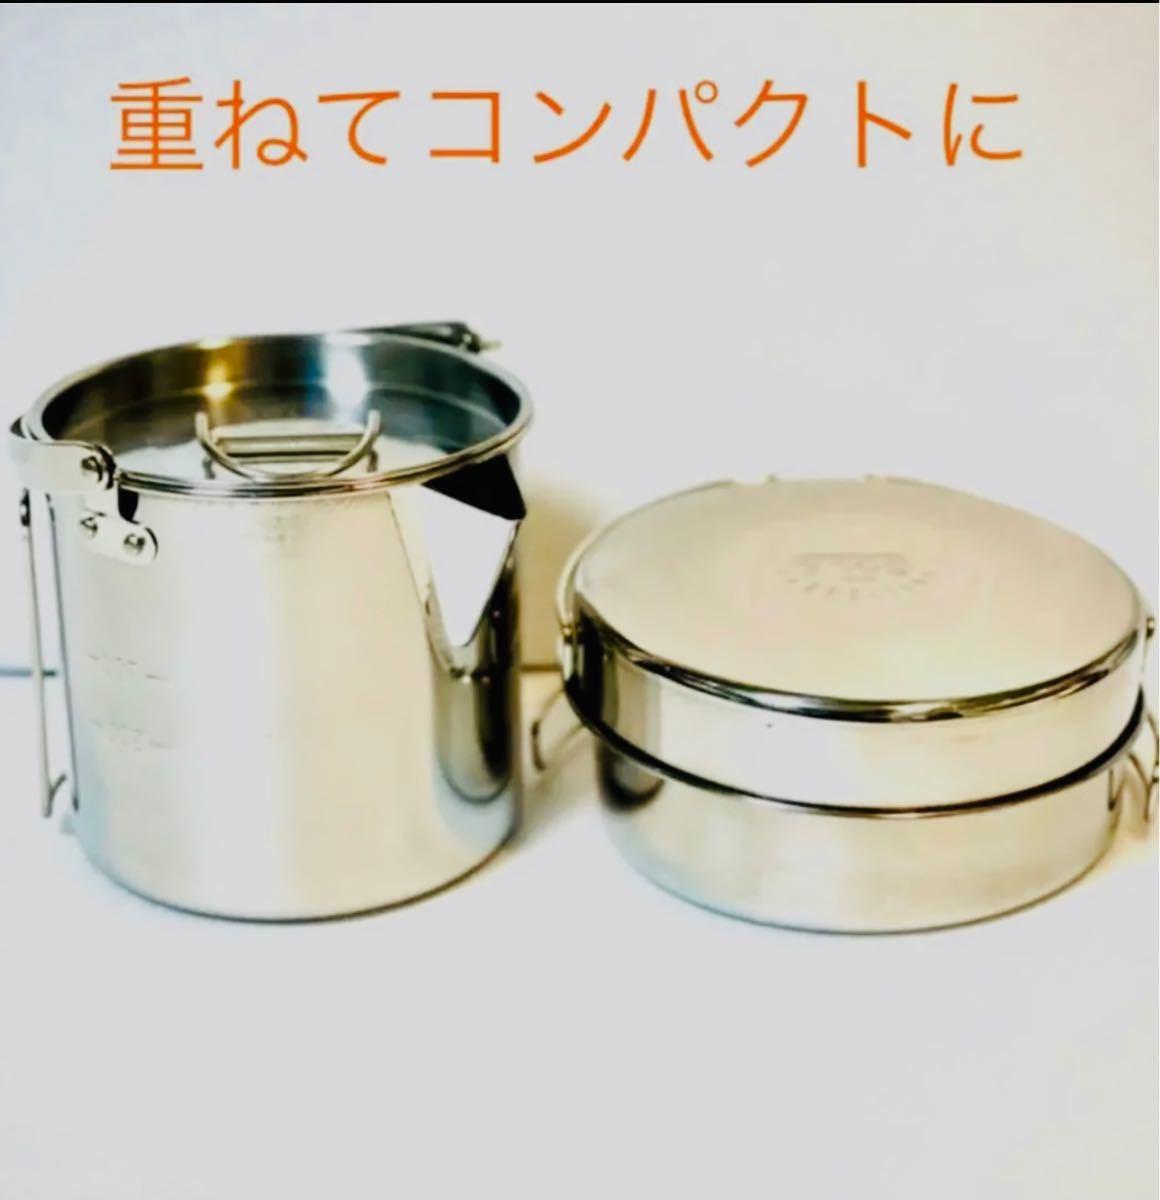 アウトドア調理器具お得な5点セット鍋/フライパン/皿/ケトル/クッカーセット